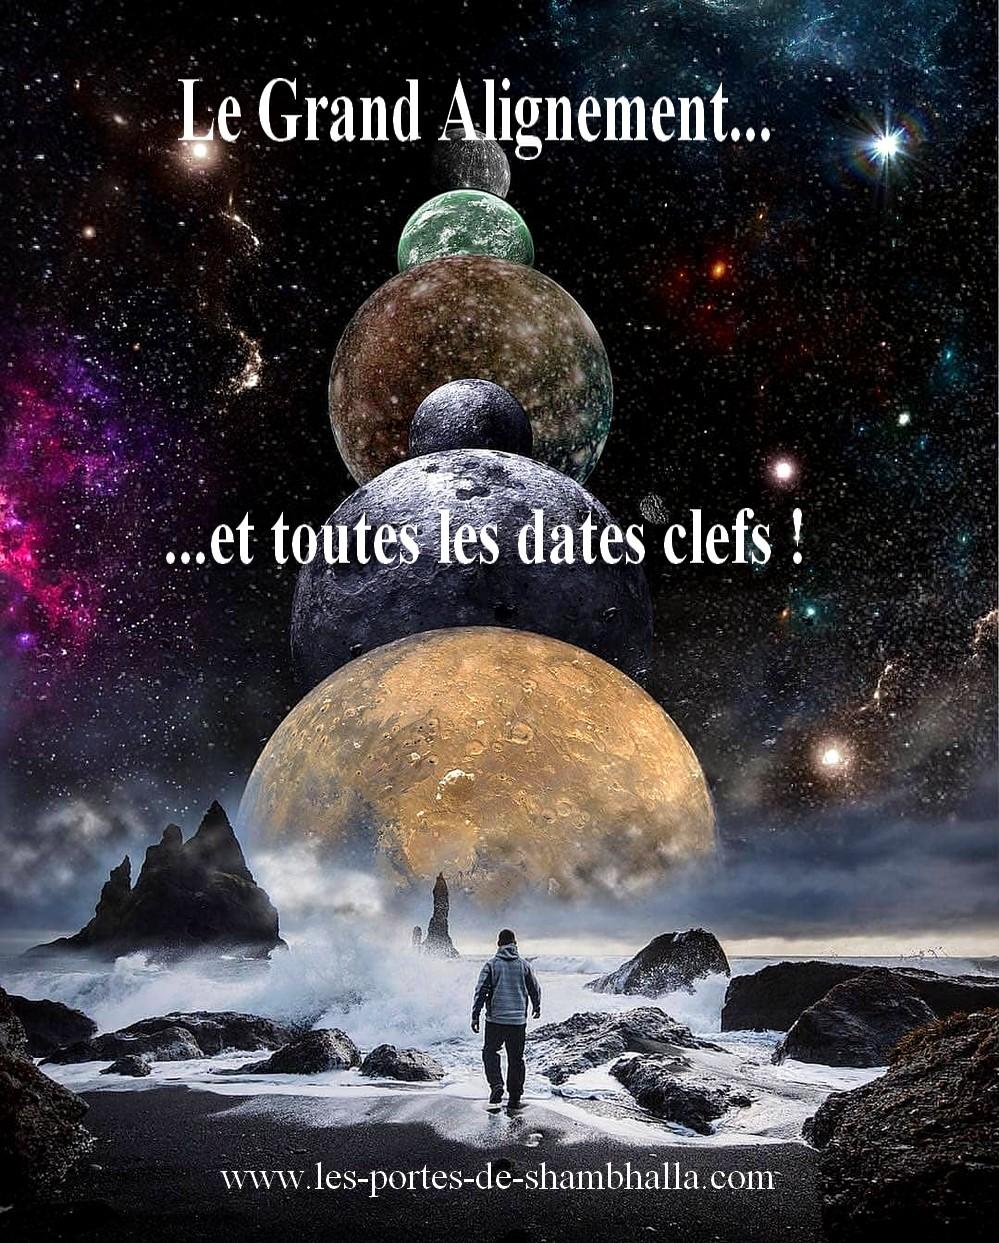 LeGrandAlignement Fin décembre : toutes les dates clefs.